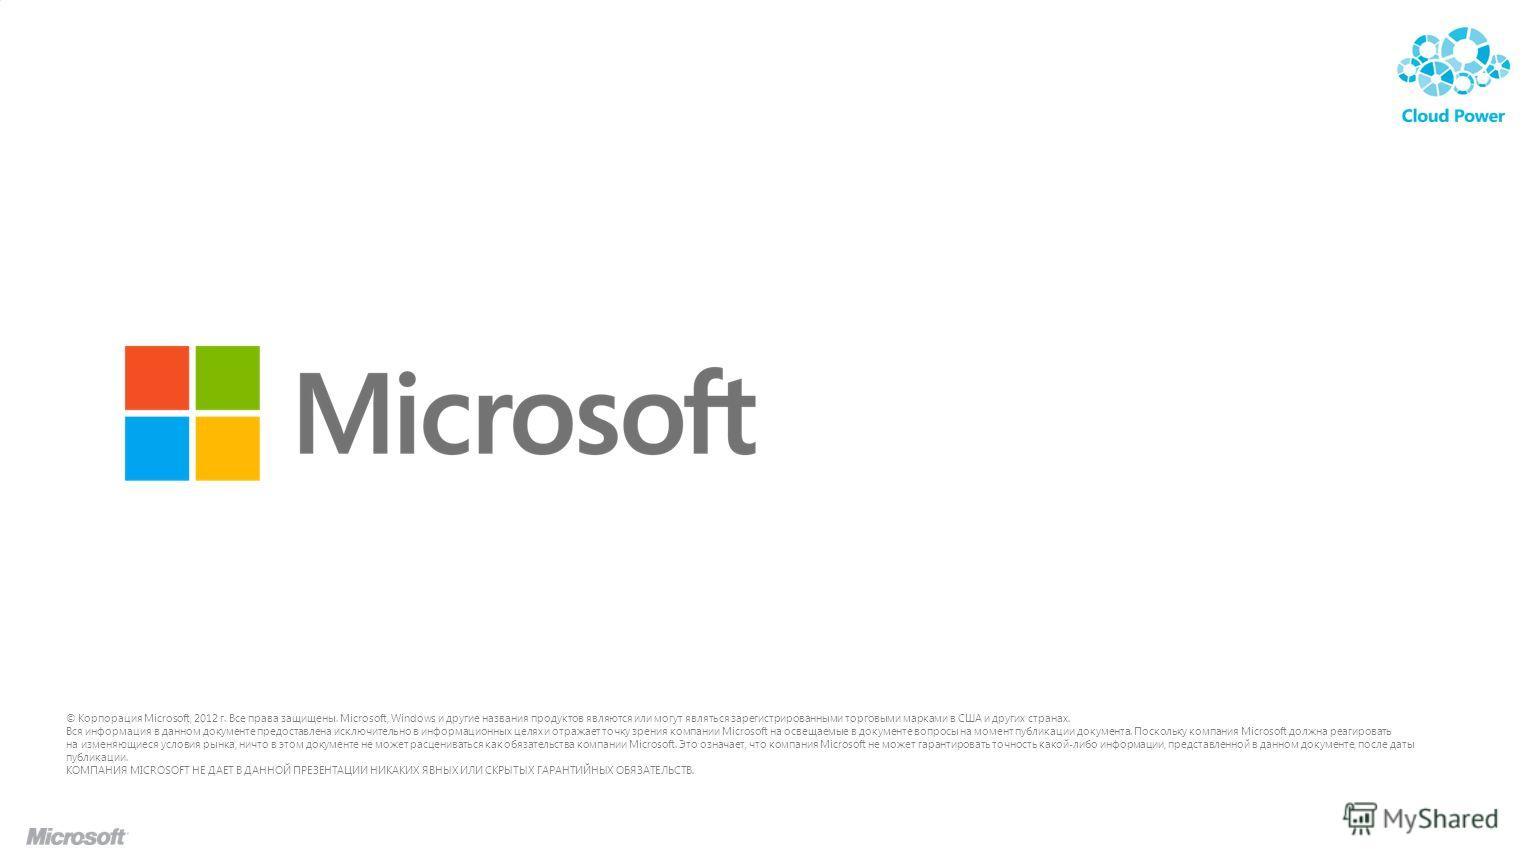 © Корпорация Microsoft, 2012 г. Все права защищены. Microsoft, Windows и другие названия продуктов являются или могут являться зарегистрированными торговыми марками в США и других странах. Вся информация в данном документе предоставлена исключительно